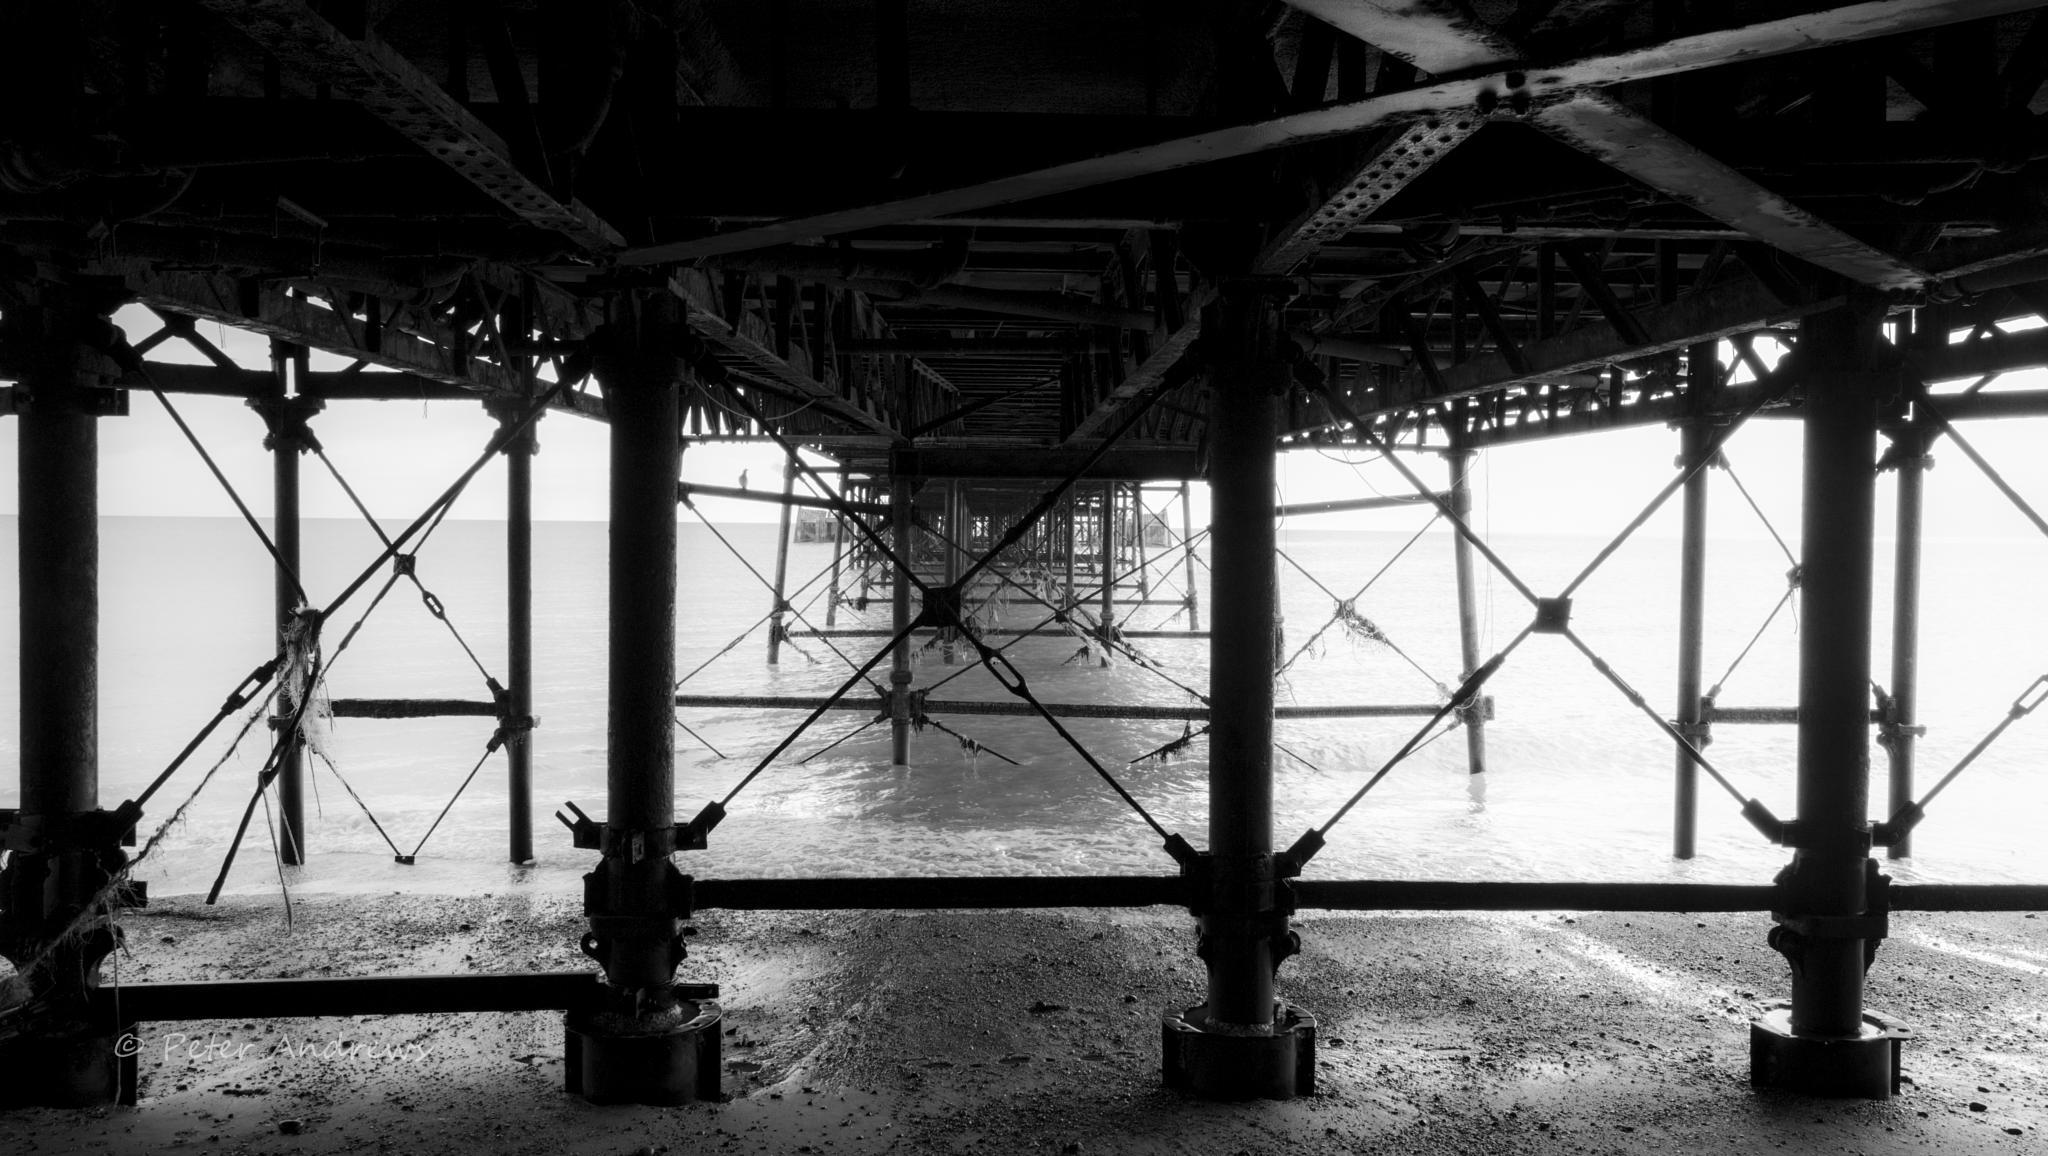 Pier by pa59